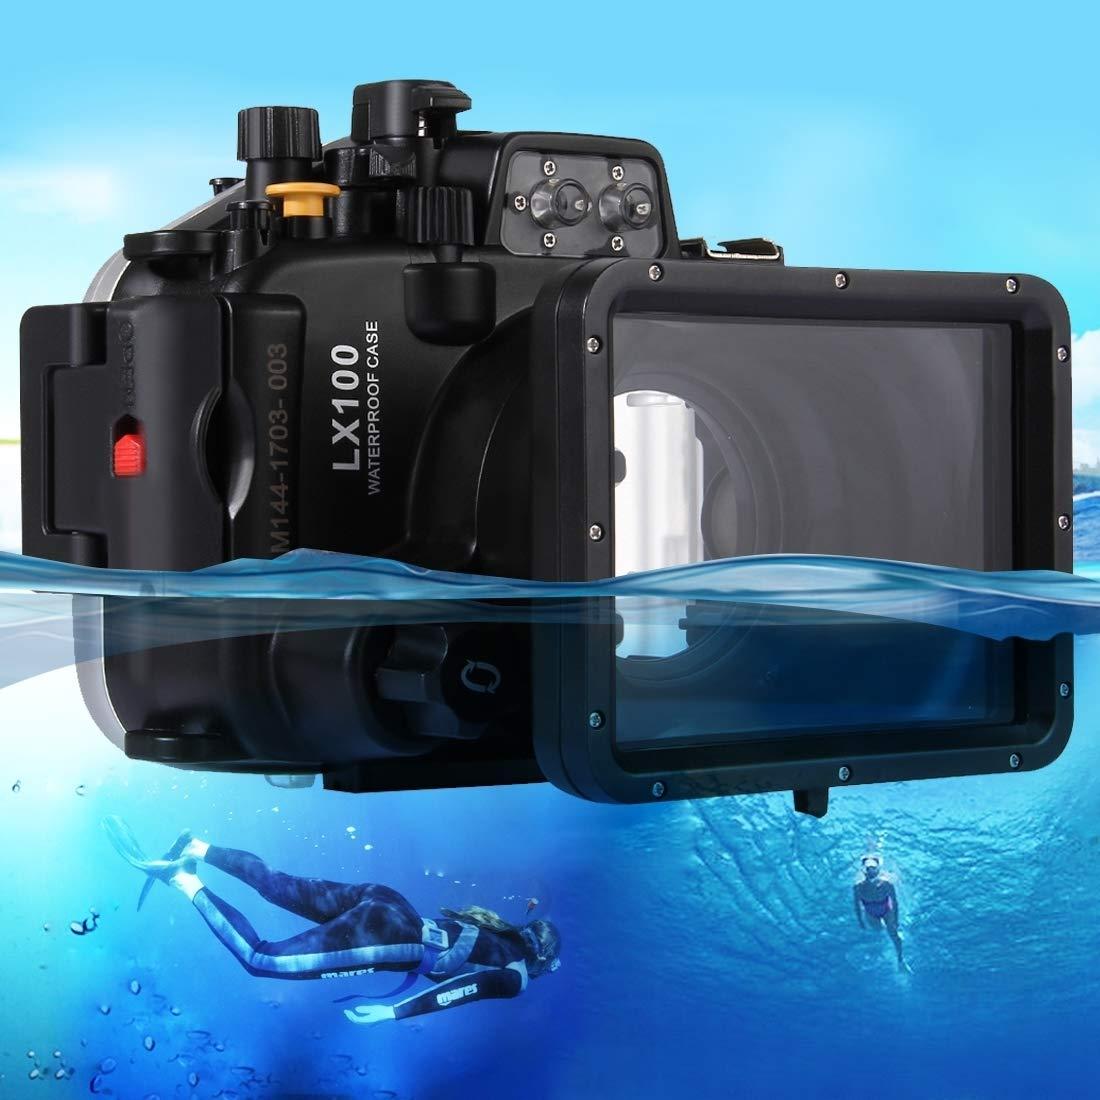 カメラ用 パナソニックLUMIX DMC-LX100用40m水中深度ダイビングケース防水カメラハウジング カメラアクセサリー   B07QB36SNN